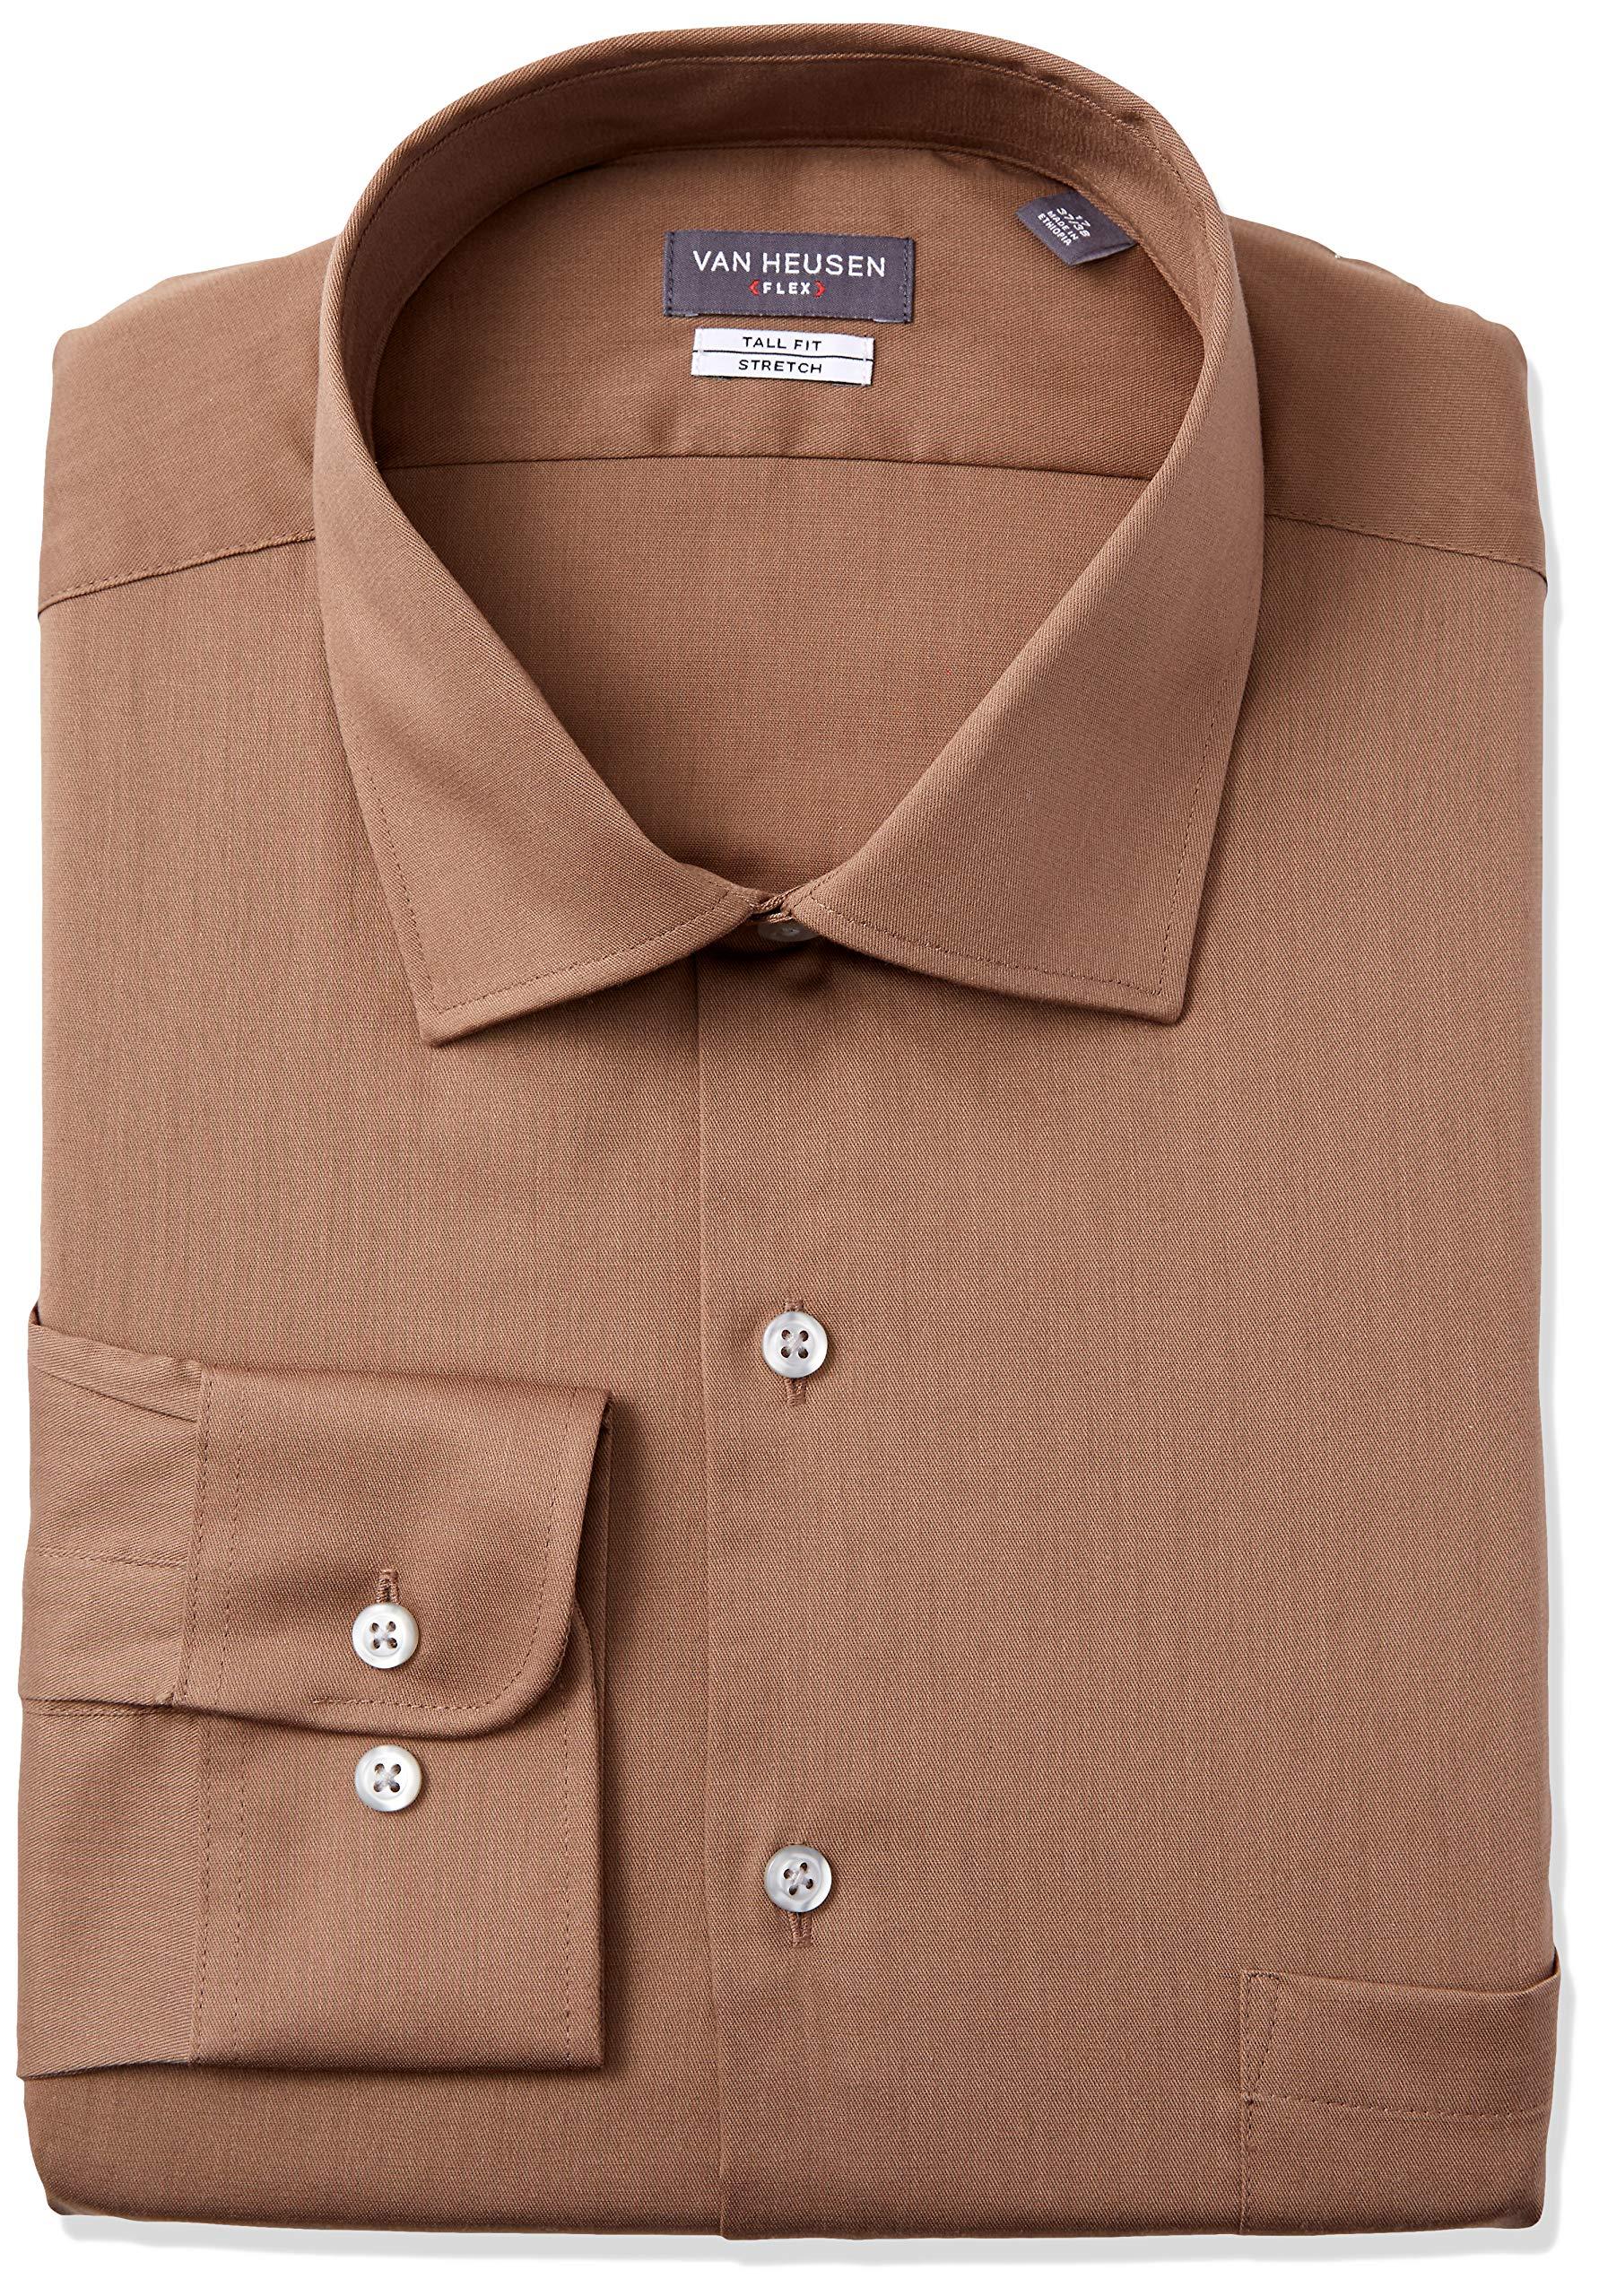 Izod Mens TALL FIT Dress Shirts Stretch Solid Big and Tall